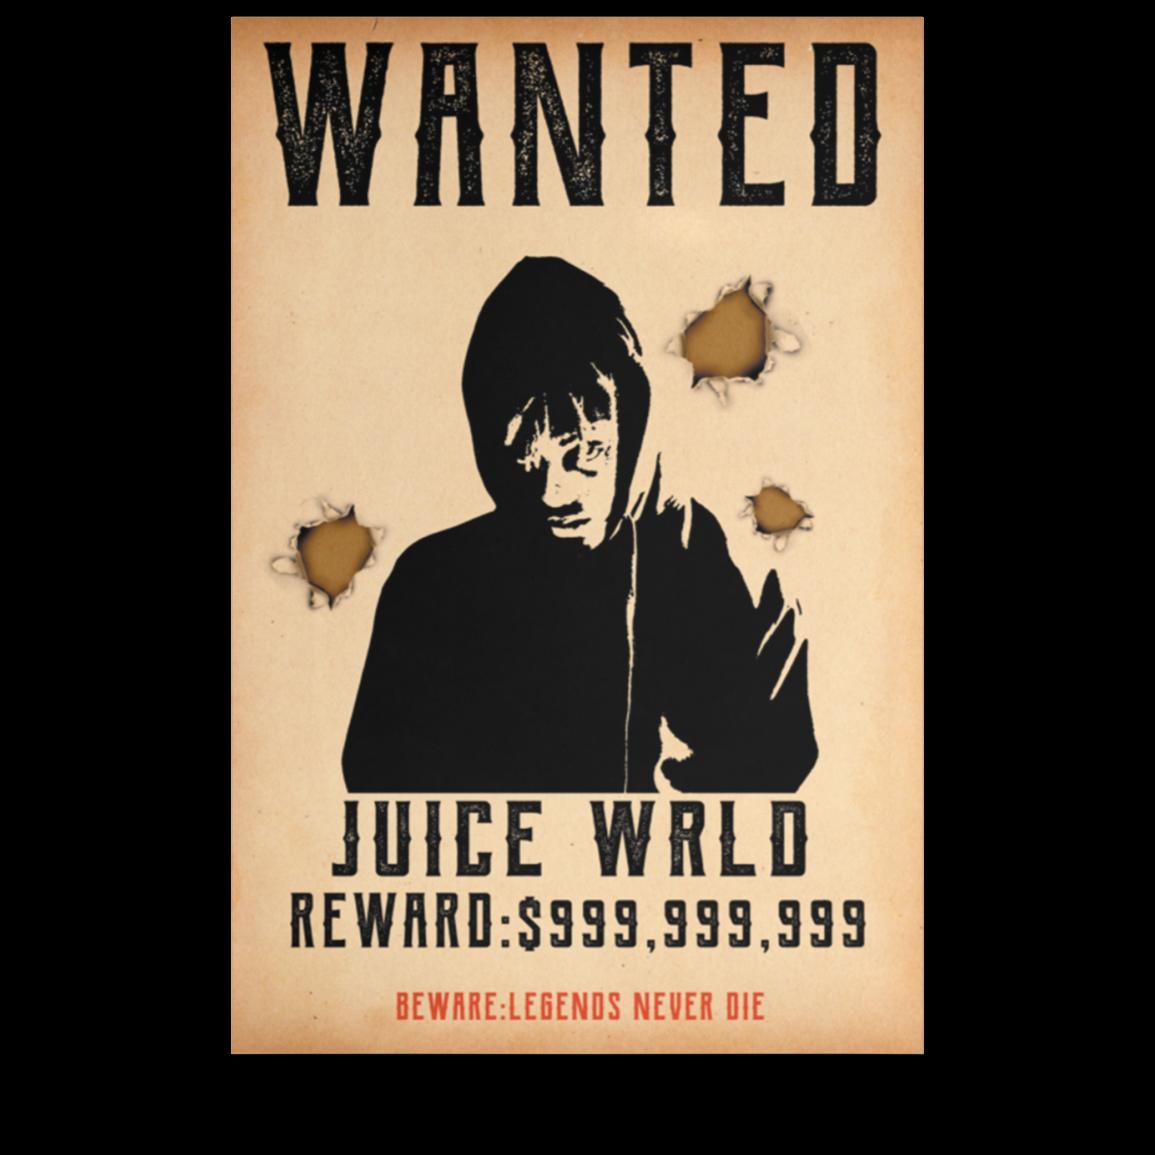 Juice Wrld Official Merch 999 Wanted Poster - Merchip8